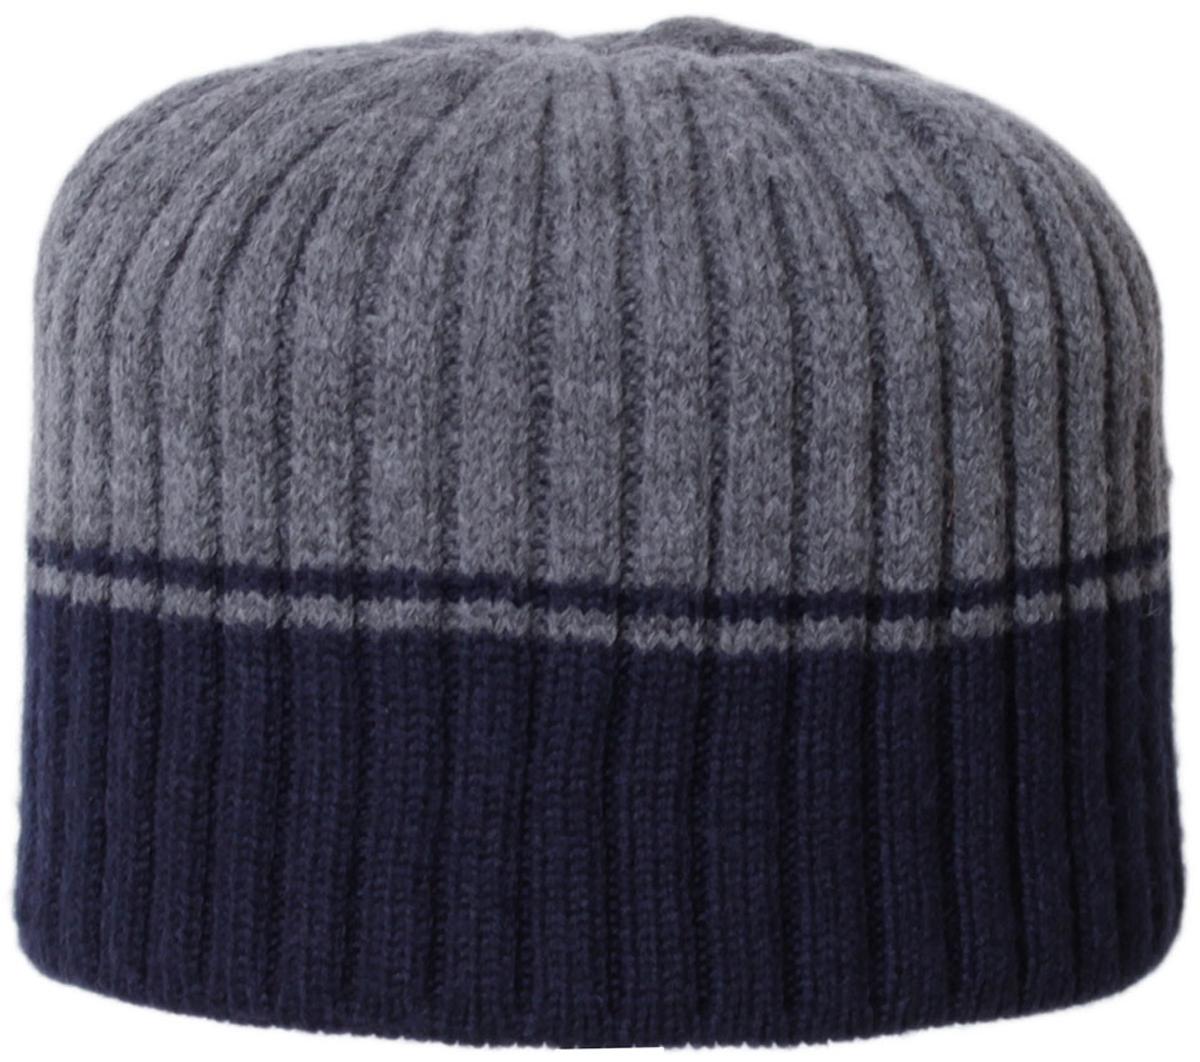 Шапка5-024Мужская шапка Leighton изготовлена из шерсти и акрила. Уважаемые клиенты! Размер, доступный для заказа, является обхватом головы.